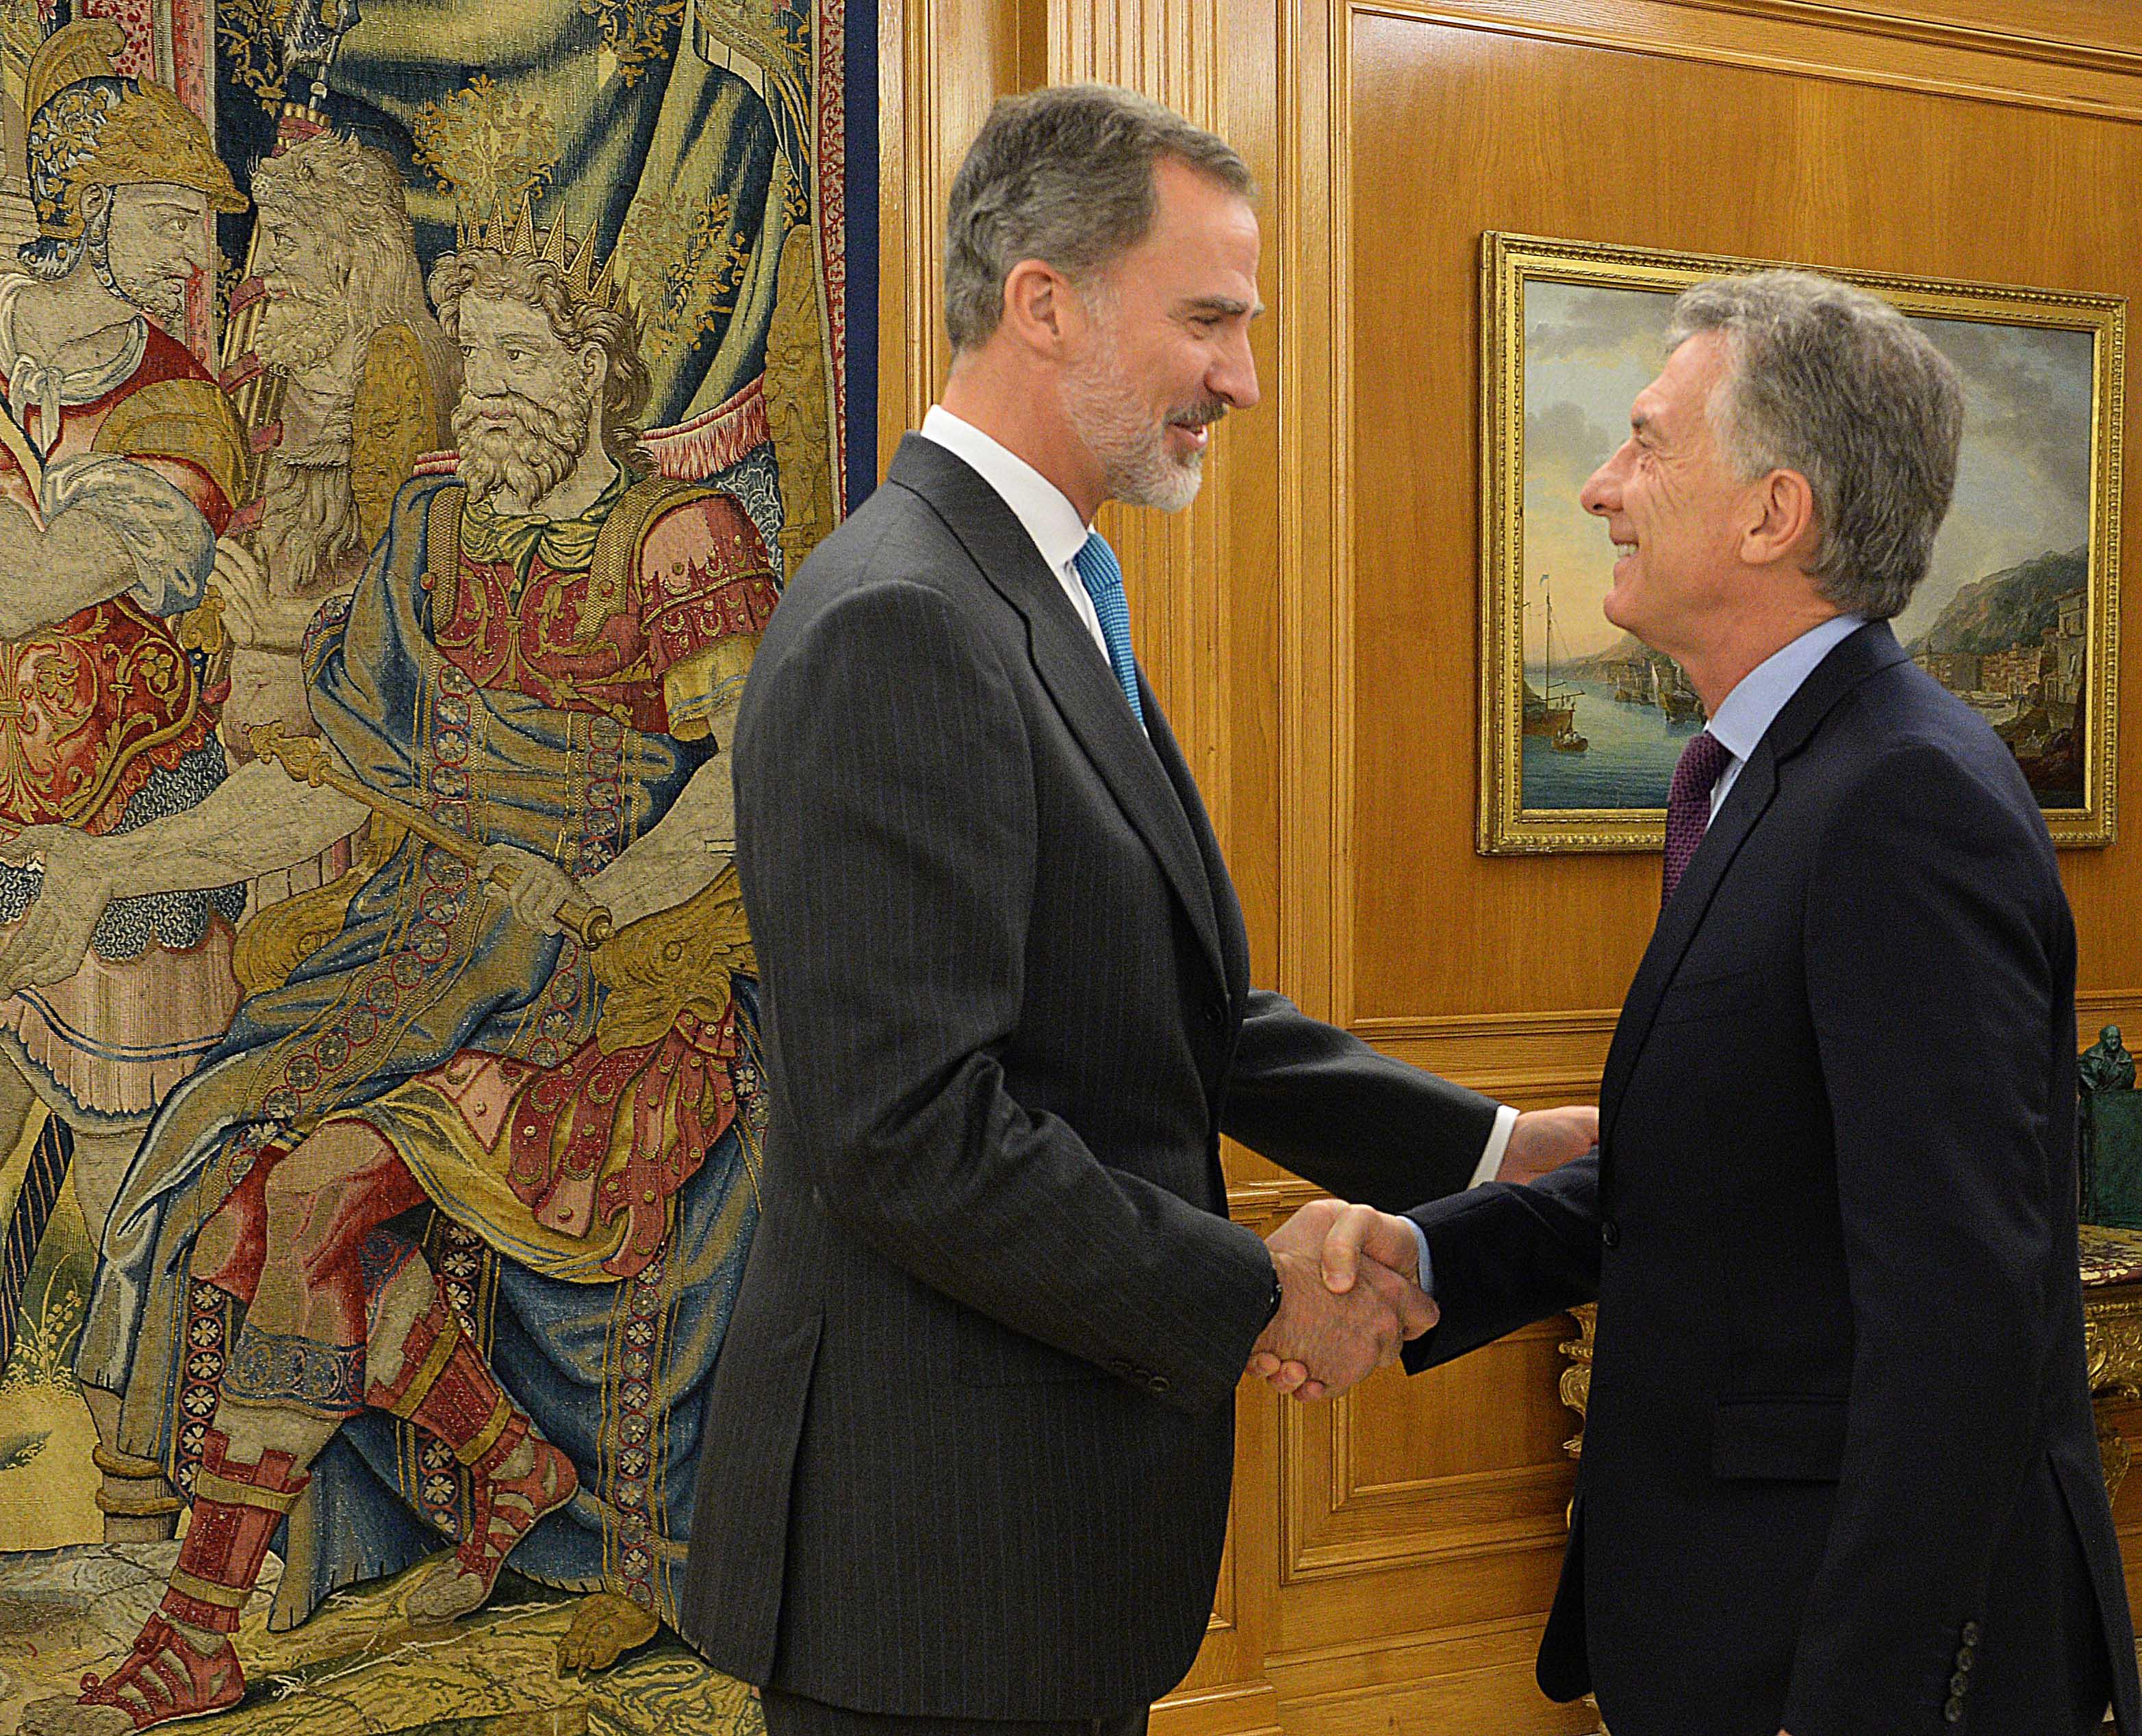 El Presidente Macri fue recibido por el rey Felipe VI de España, en el Palacio de la Zarzuela, Madrid.